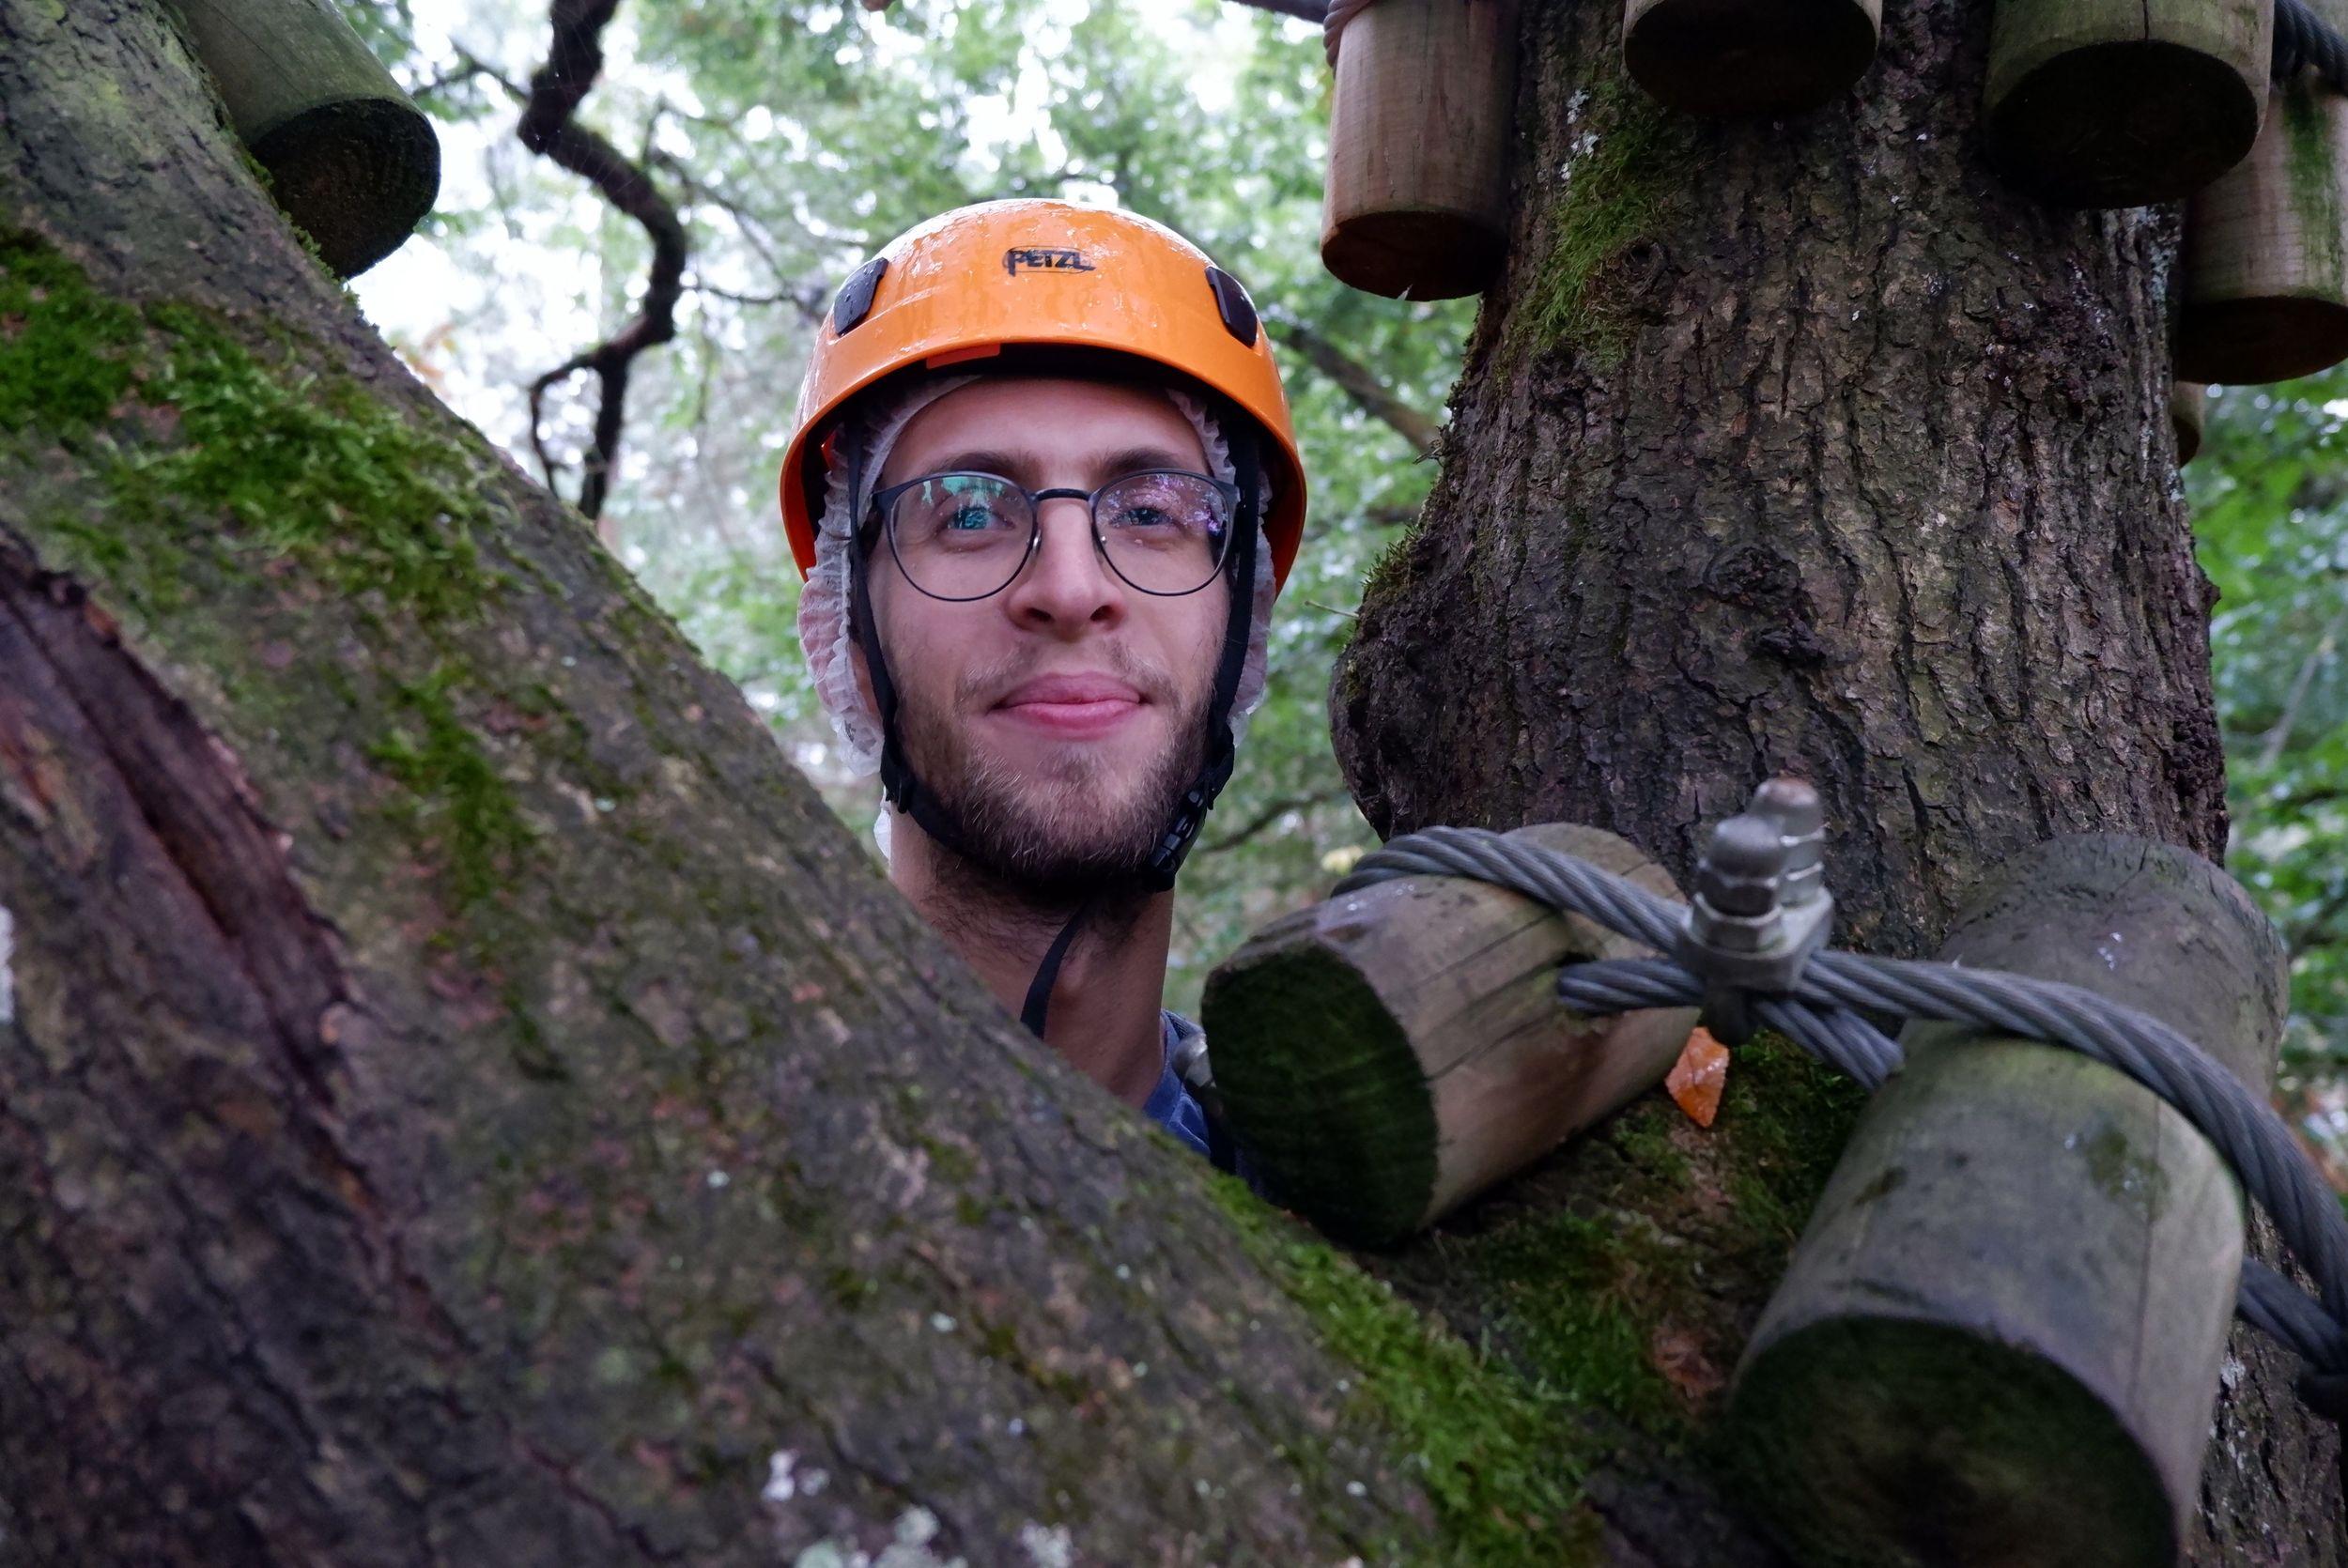 Ryan dans les arbres